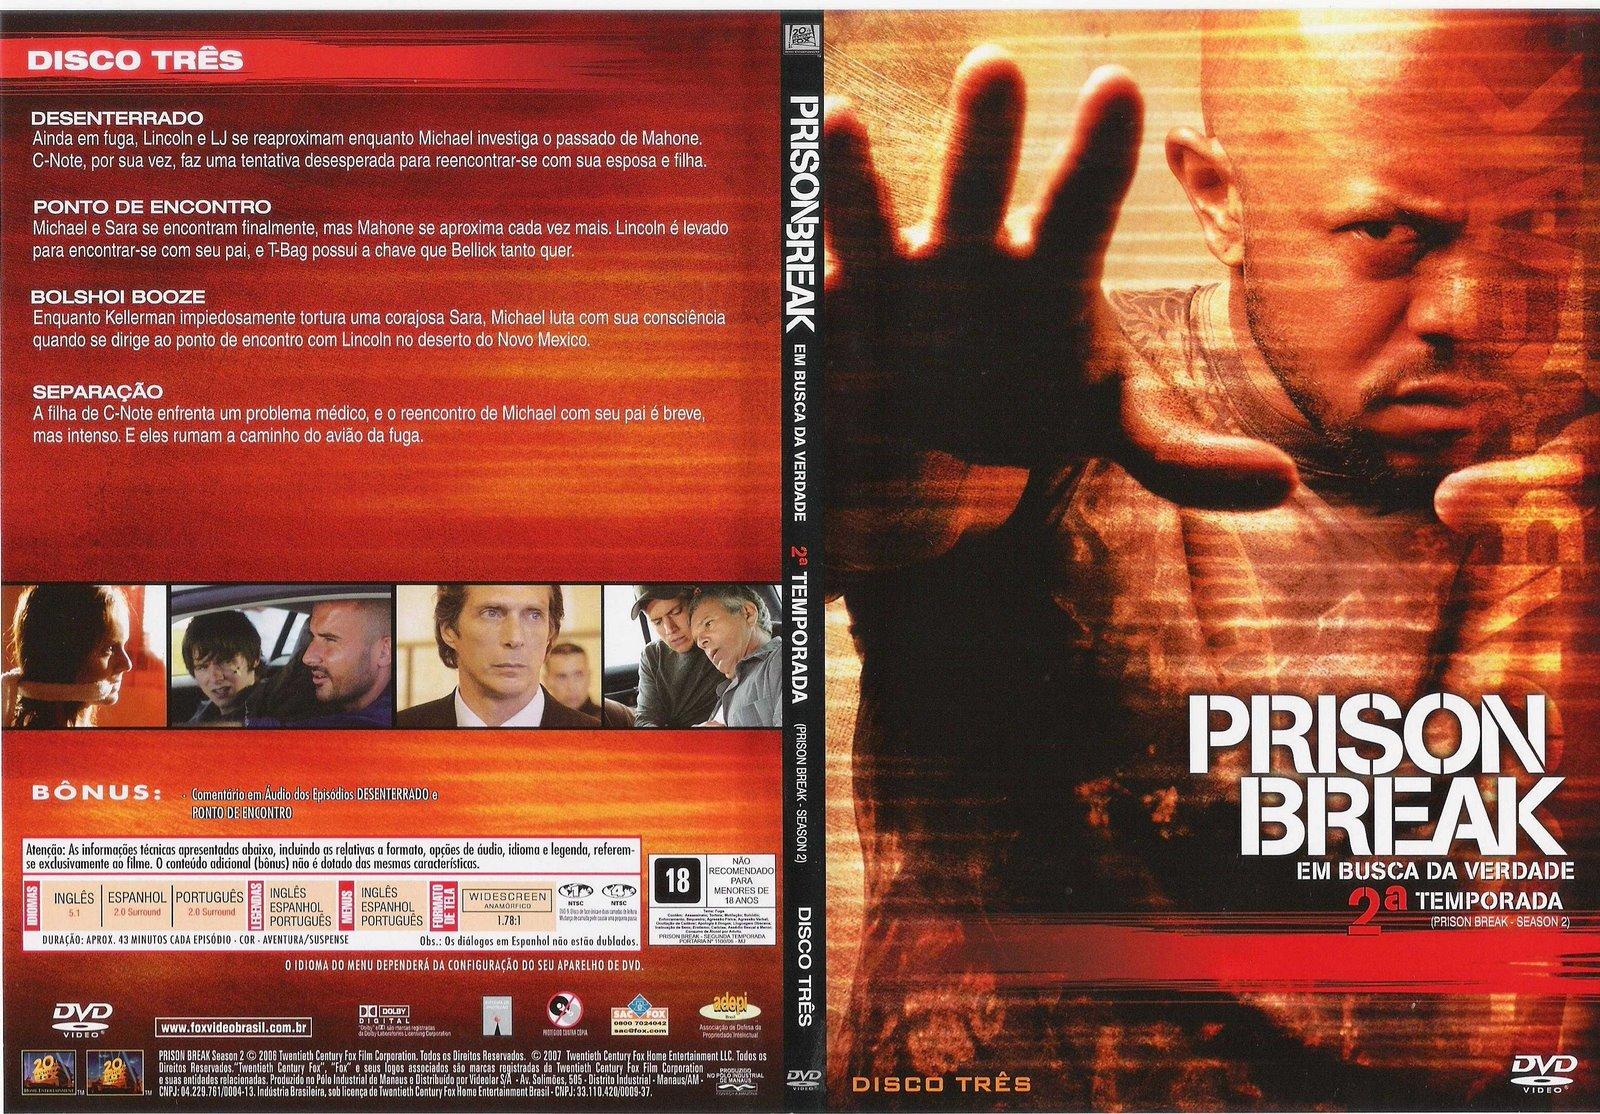 Descargar | prison break 5 temporada | [ audio latino] link por.